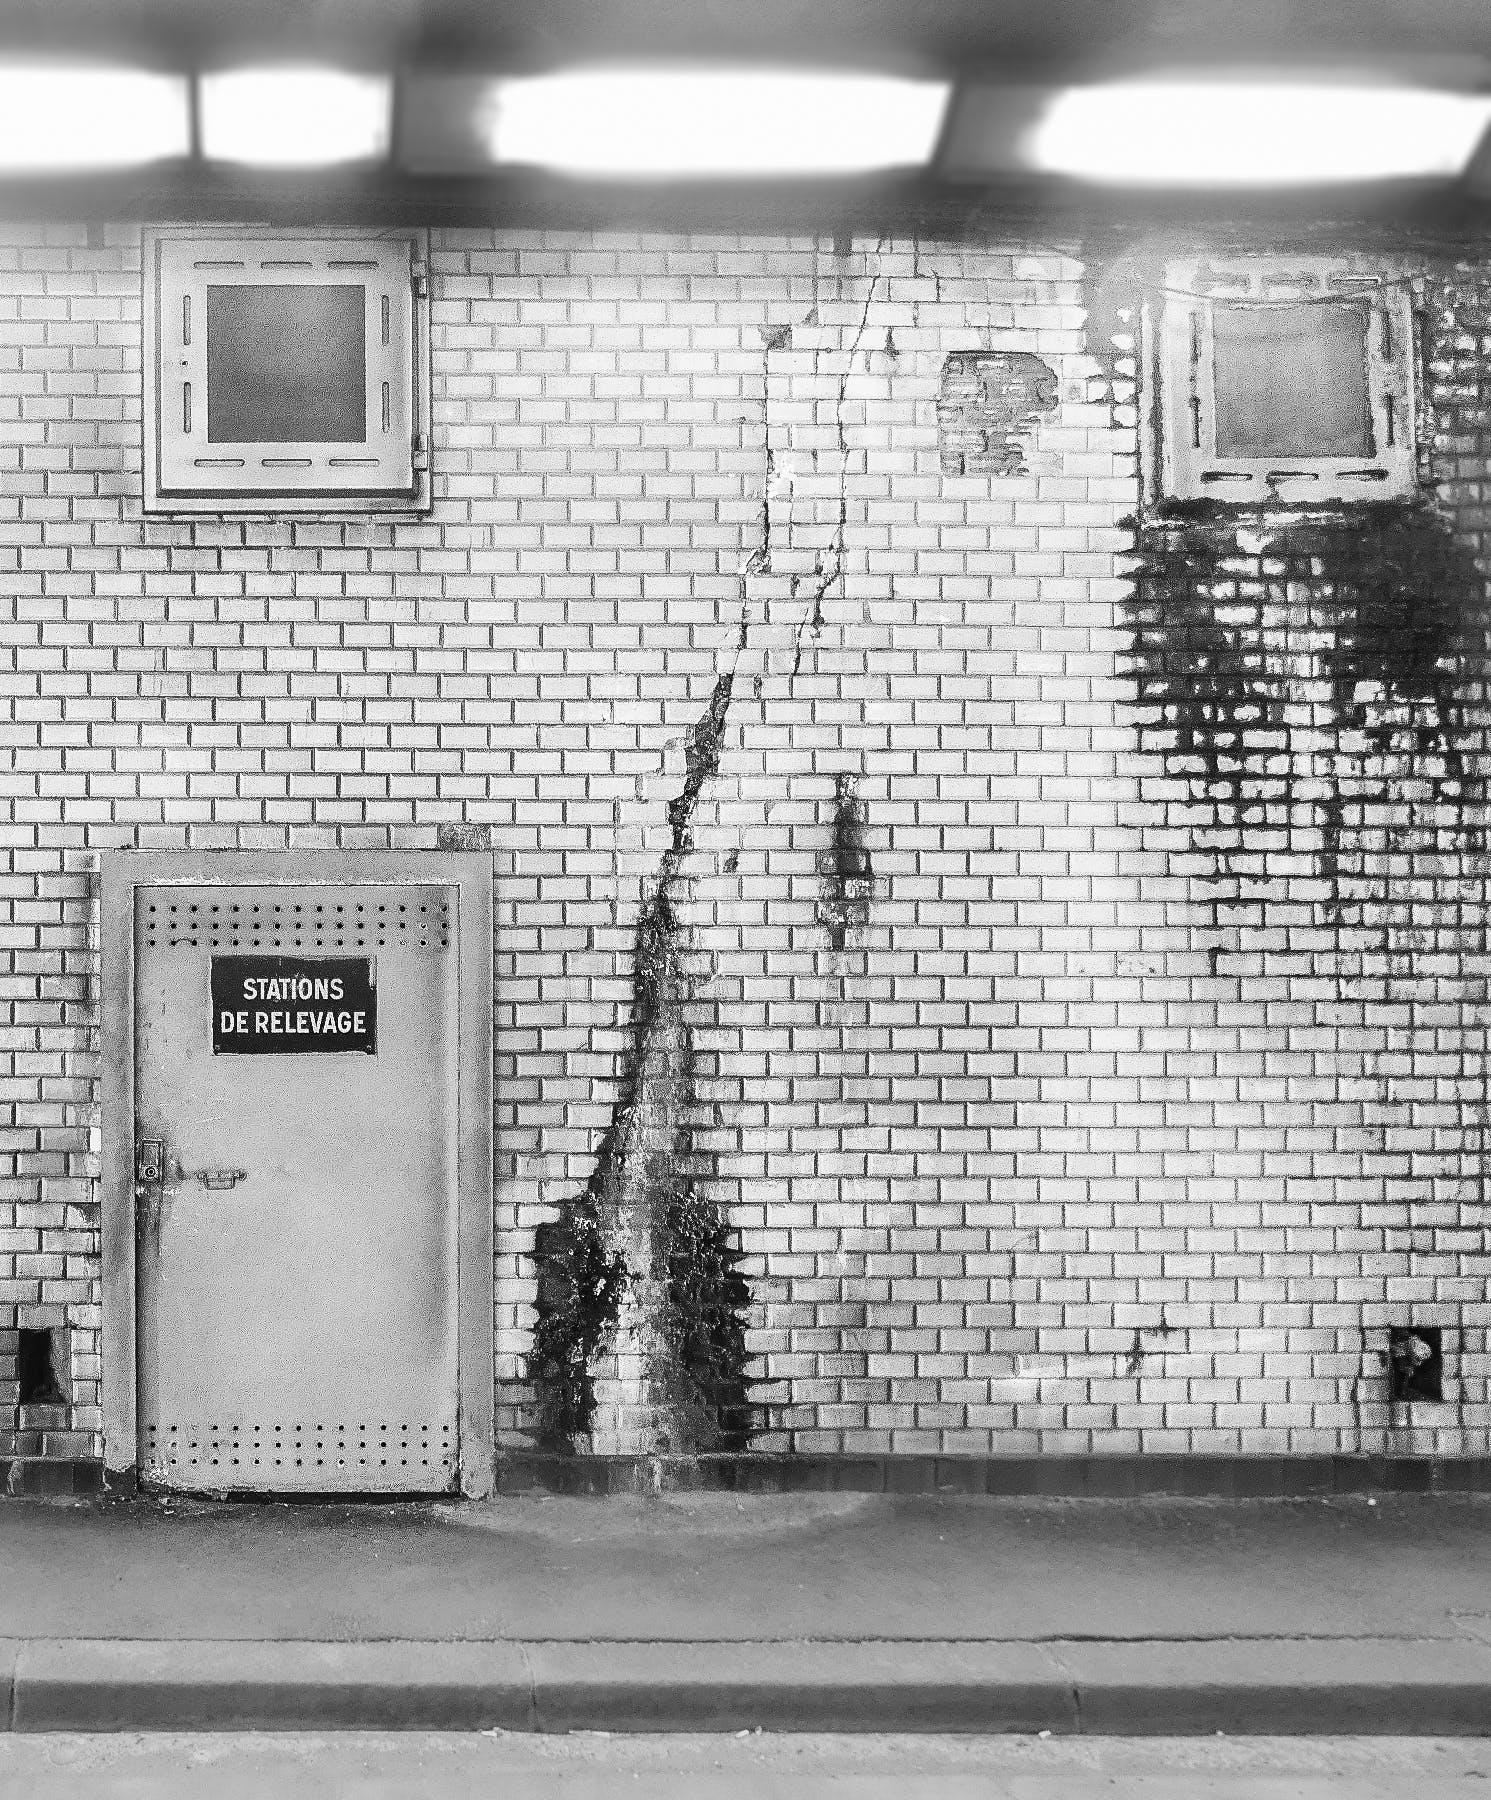 Kostenloses Stock Foto zu licht, paris, schwarz und weiß, tunnel